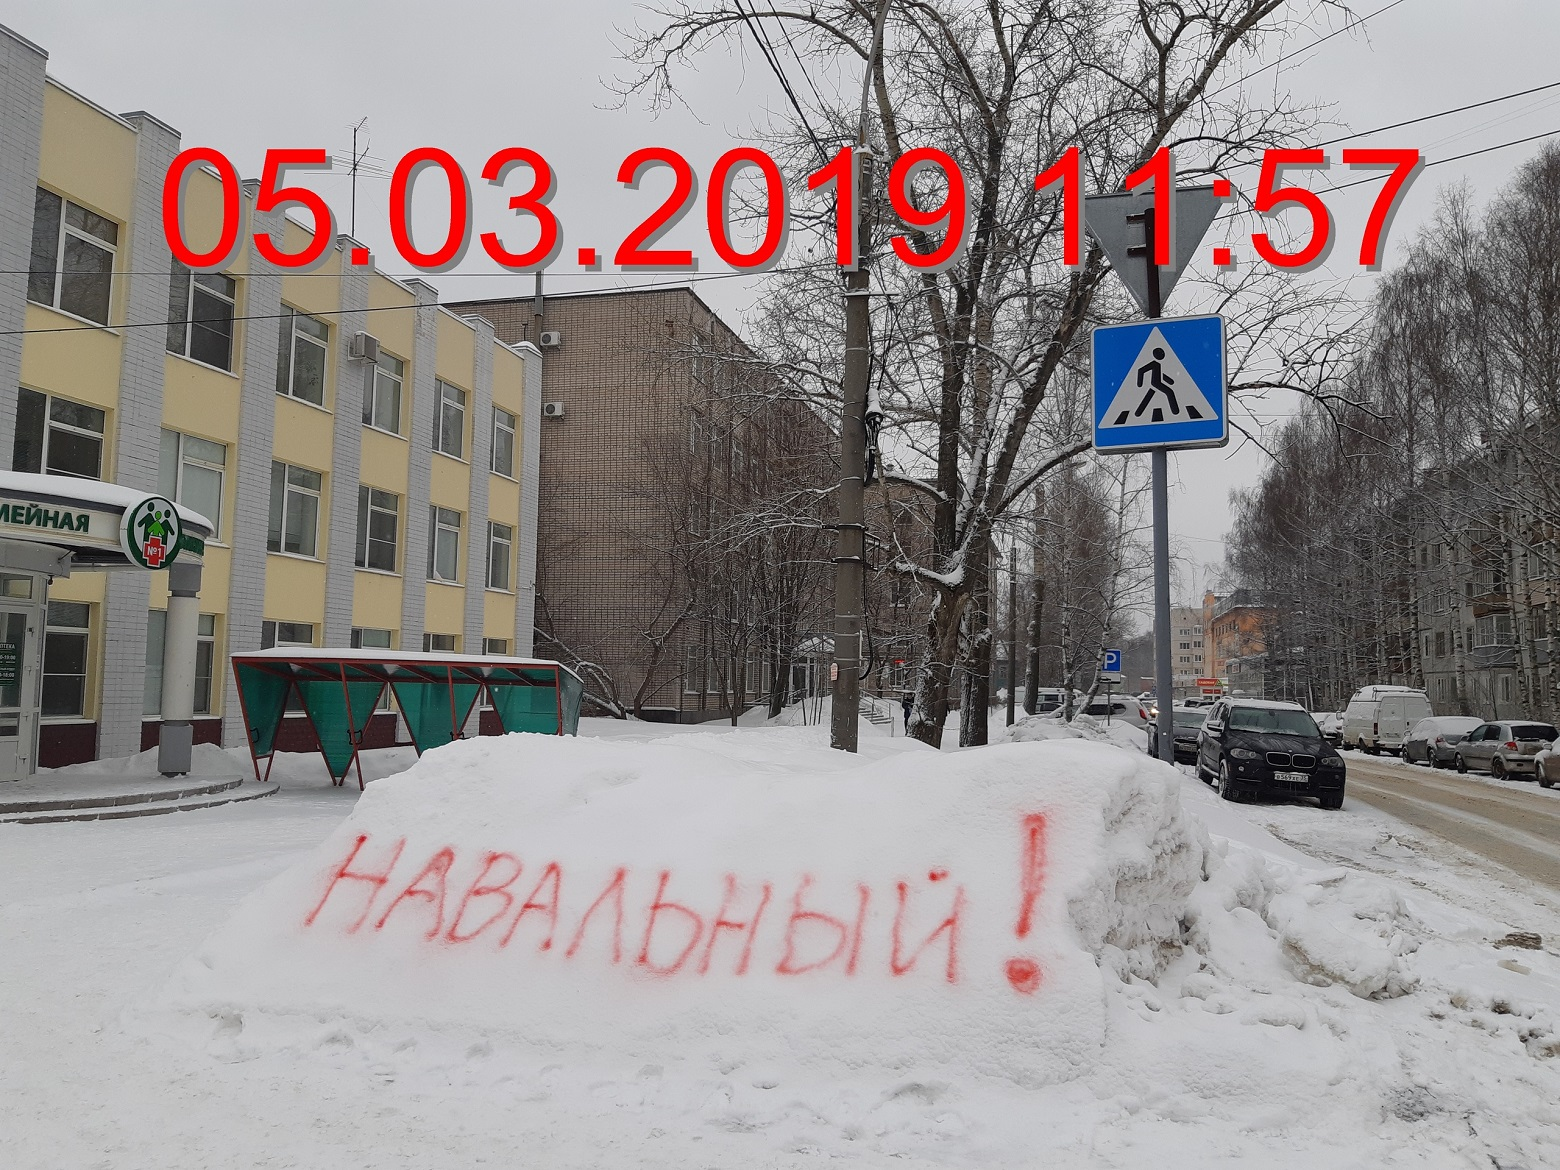 """В Вологде затоптали на сугробе слово """"Навальный"""", а снег так и не убрали"""